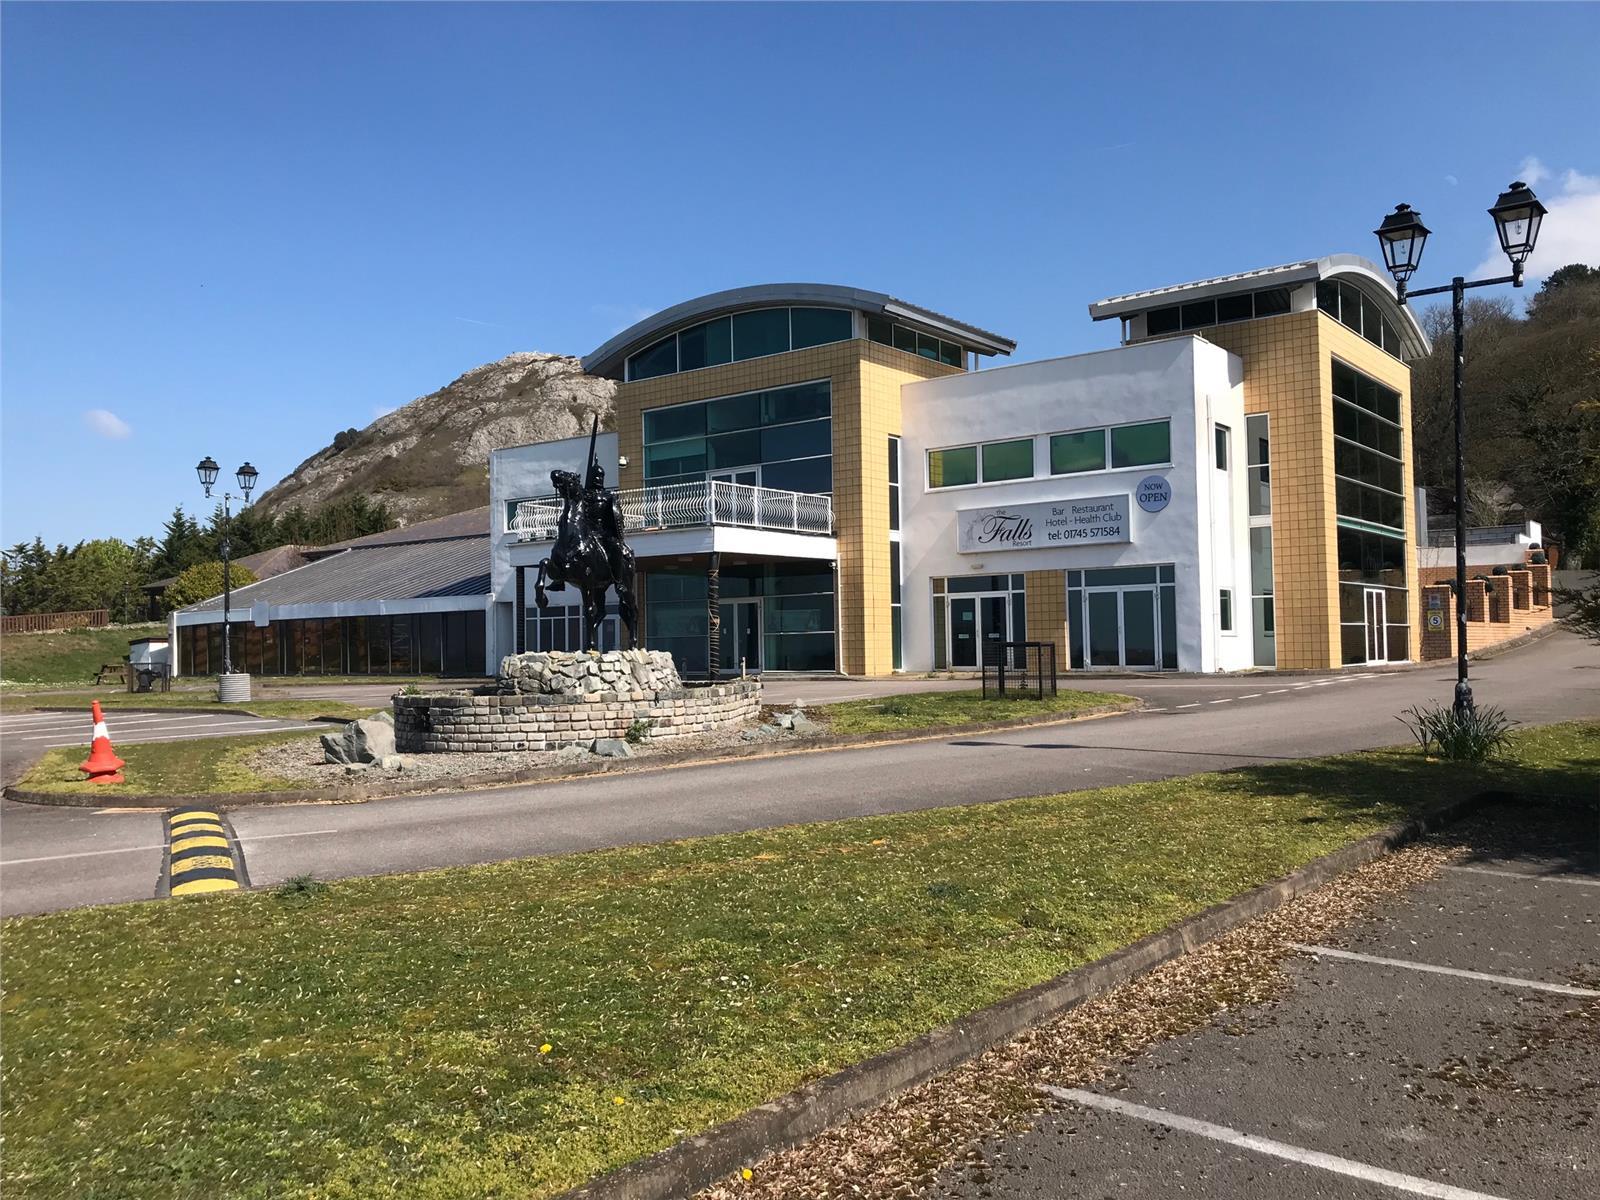 The Falls Resort, Allt Y Graig, Dyserth, Denbighshire, LL18